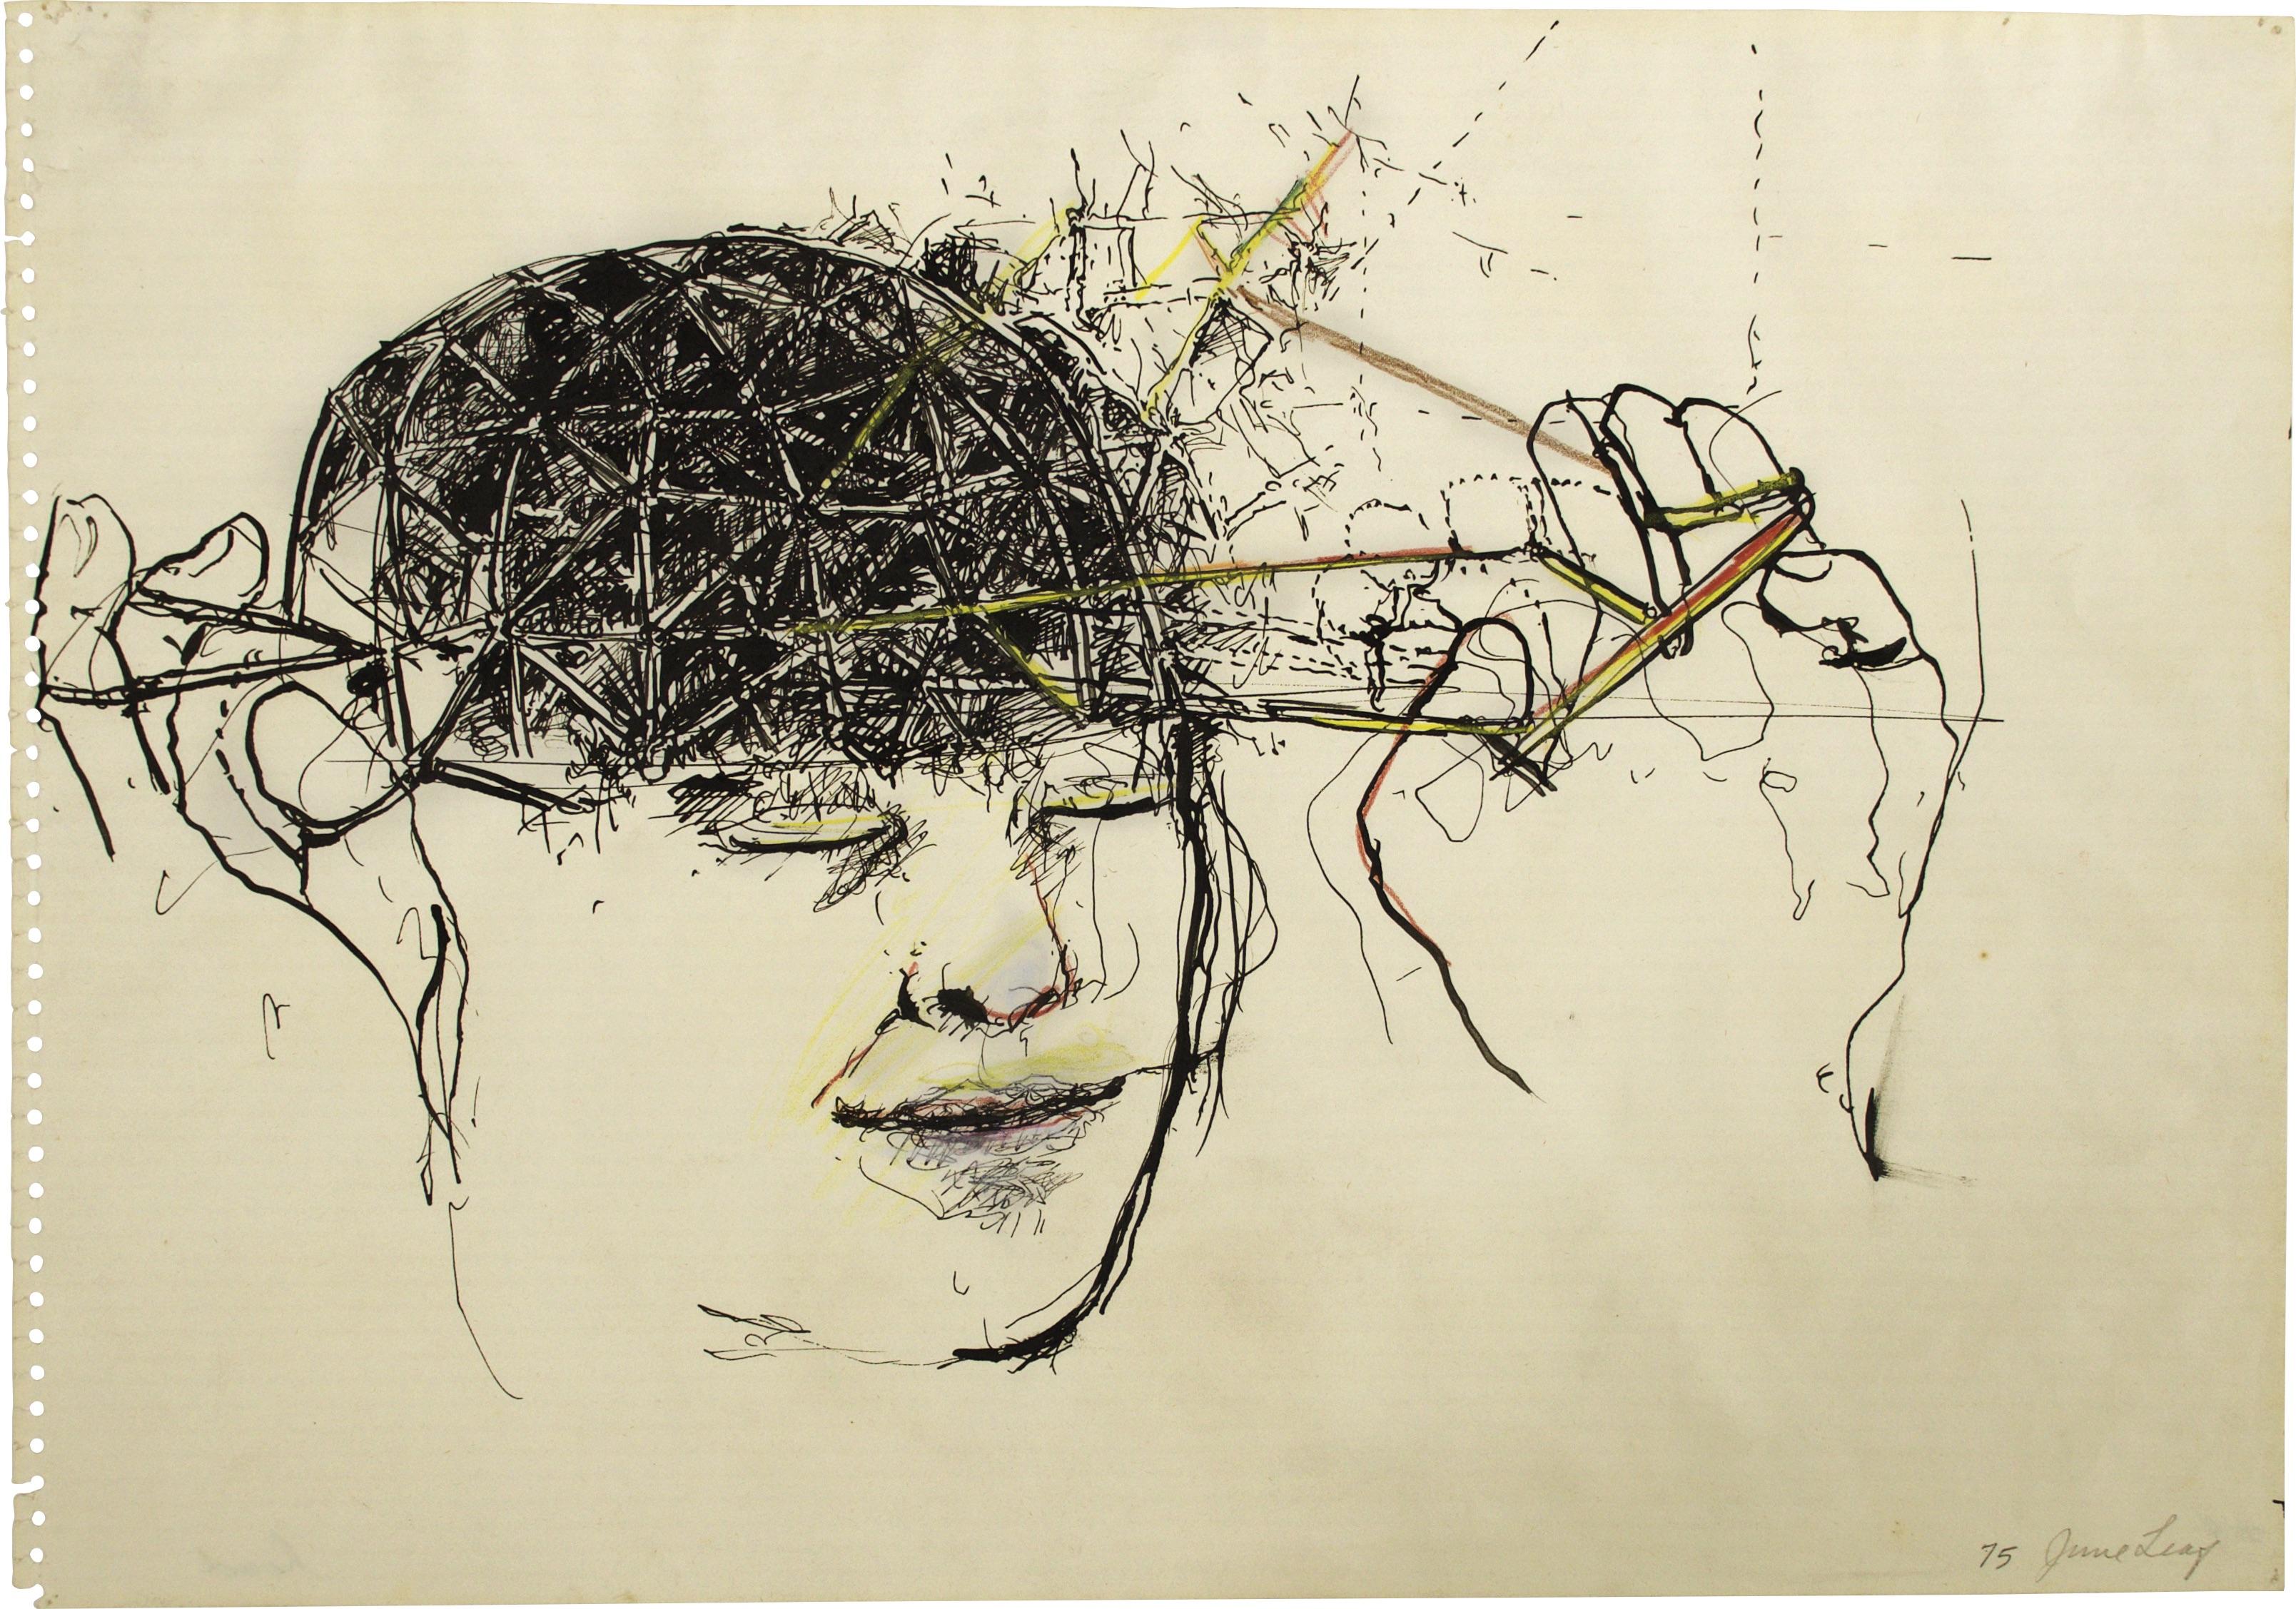 June_Leaf_Head_1975